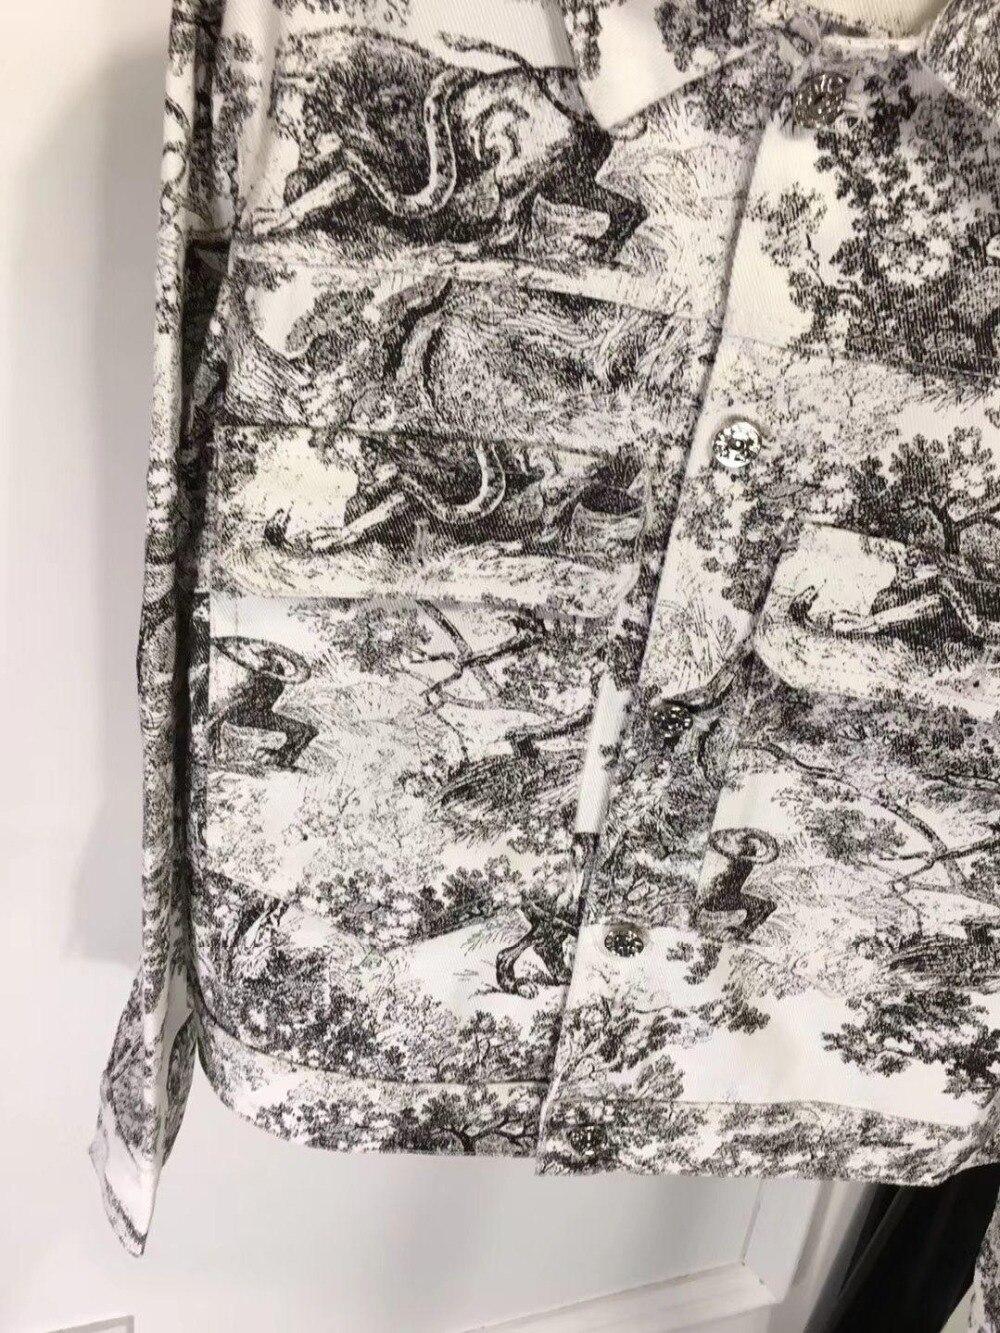 Sauvage Animal Veste Nouvelles Femmes Mode Denim De Nouveau 2019 Rétro 0306 Impression Forest Printemps Yygb7f6